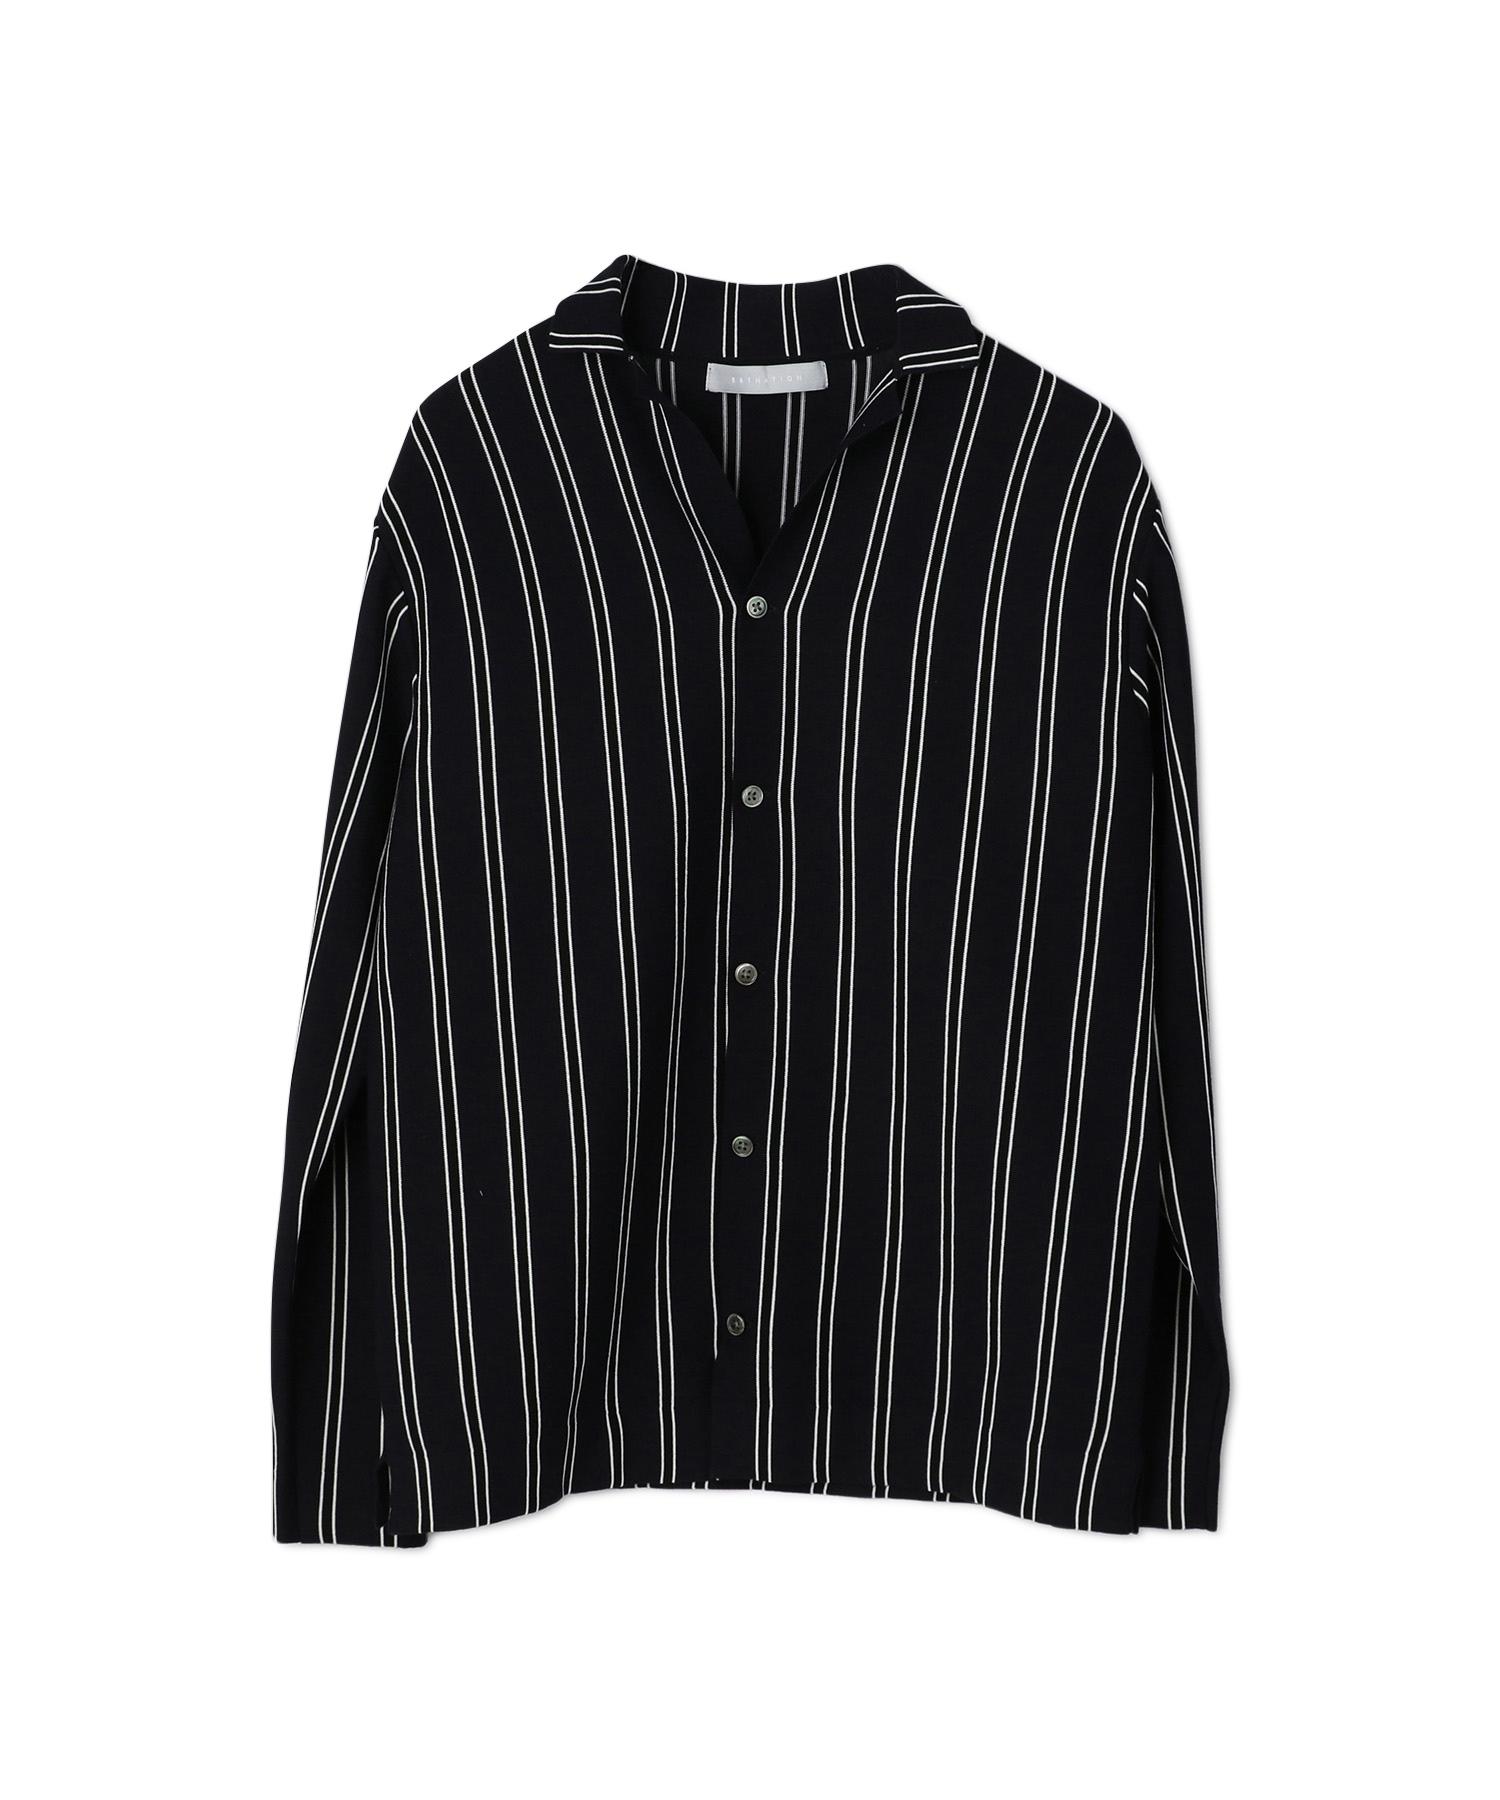 ESTNATION / ウォッシャブルストライプニットシャツ